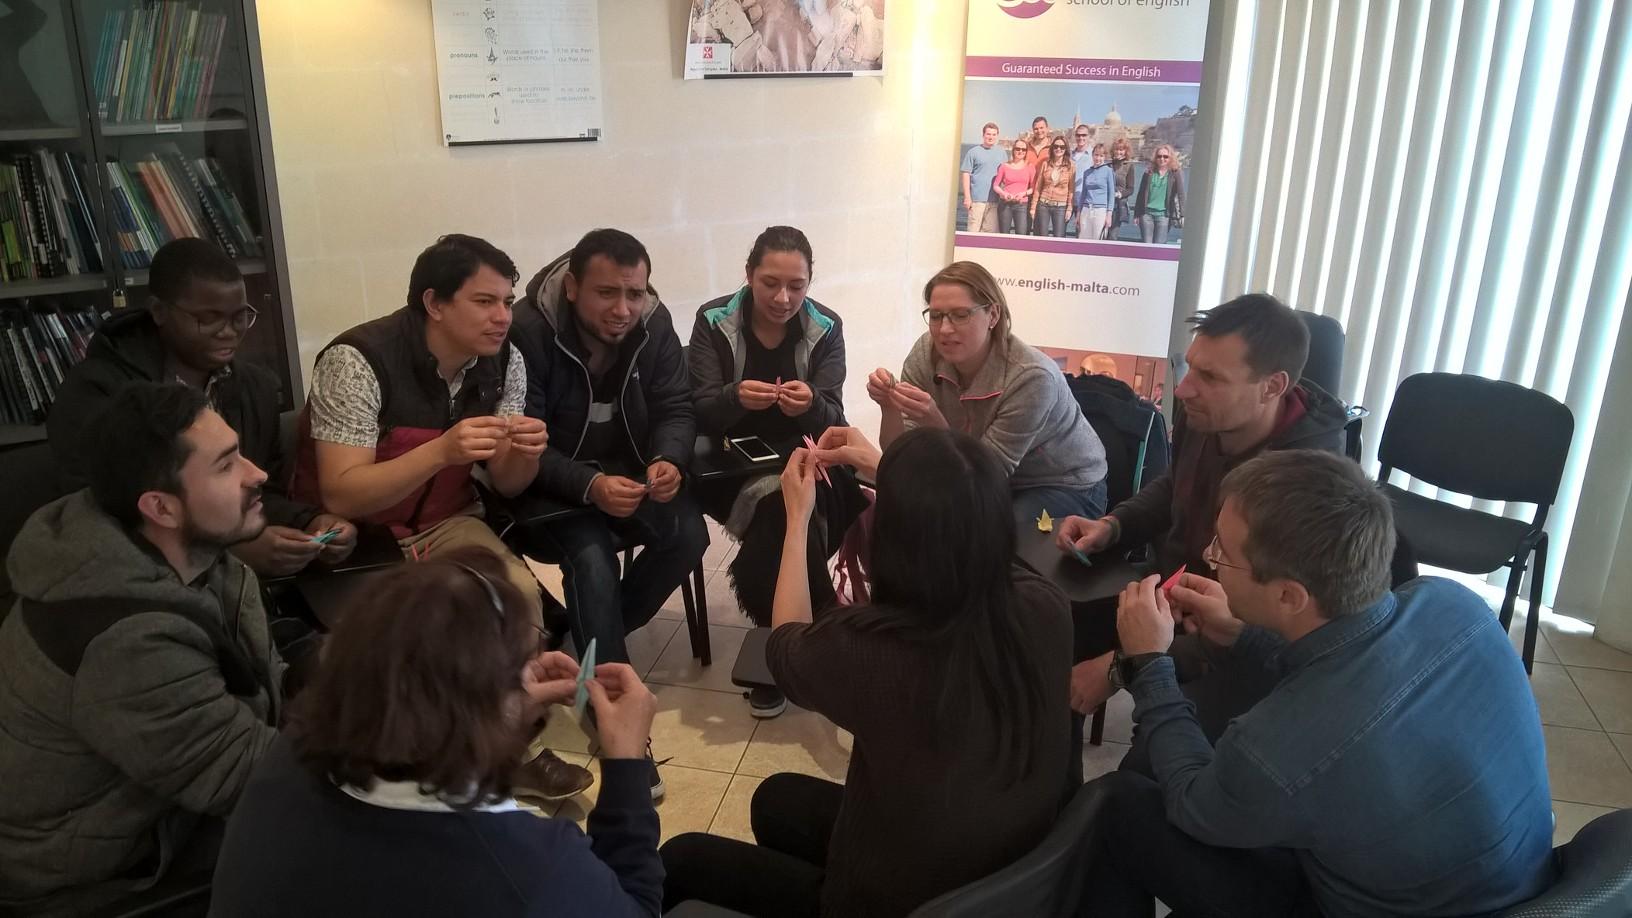 Gateway School of English GSE Malta уроки разговорного английского- бесплатно в Декабре, Январе и Феврале